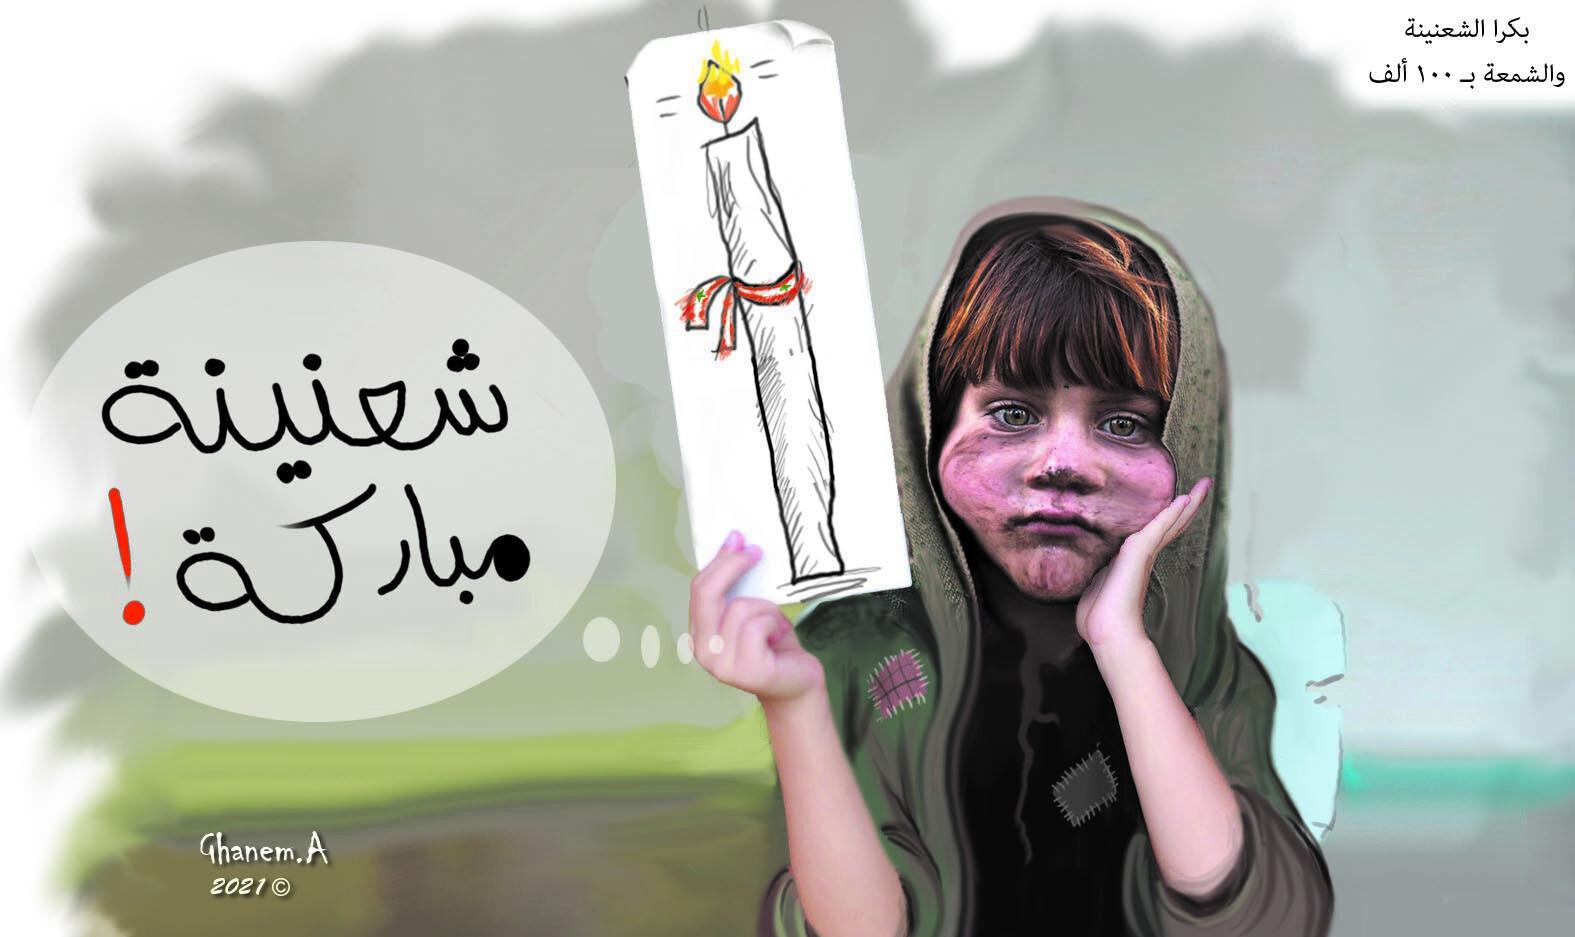 كاريكاتير الجمهورية اللبنانية